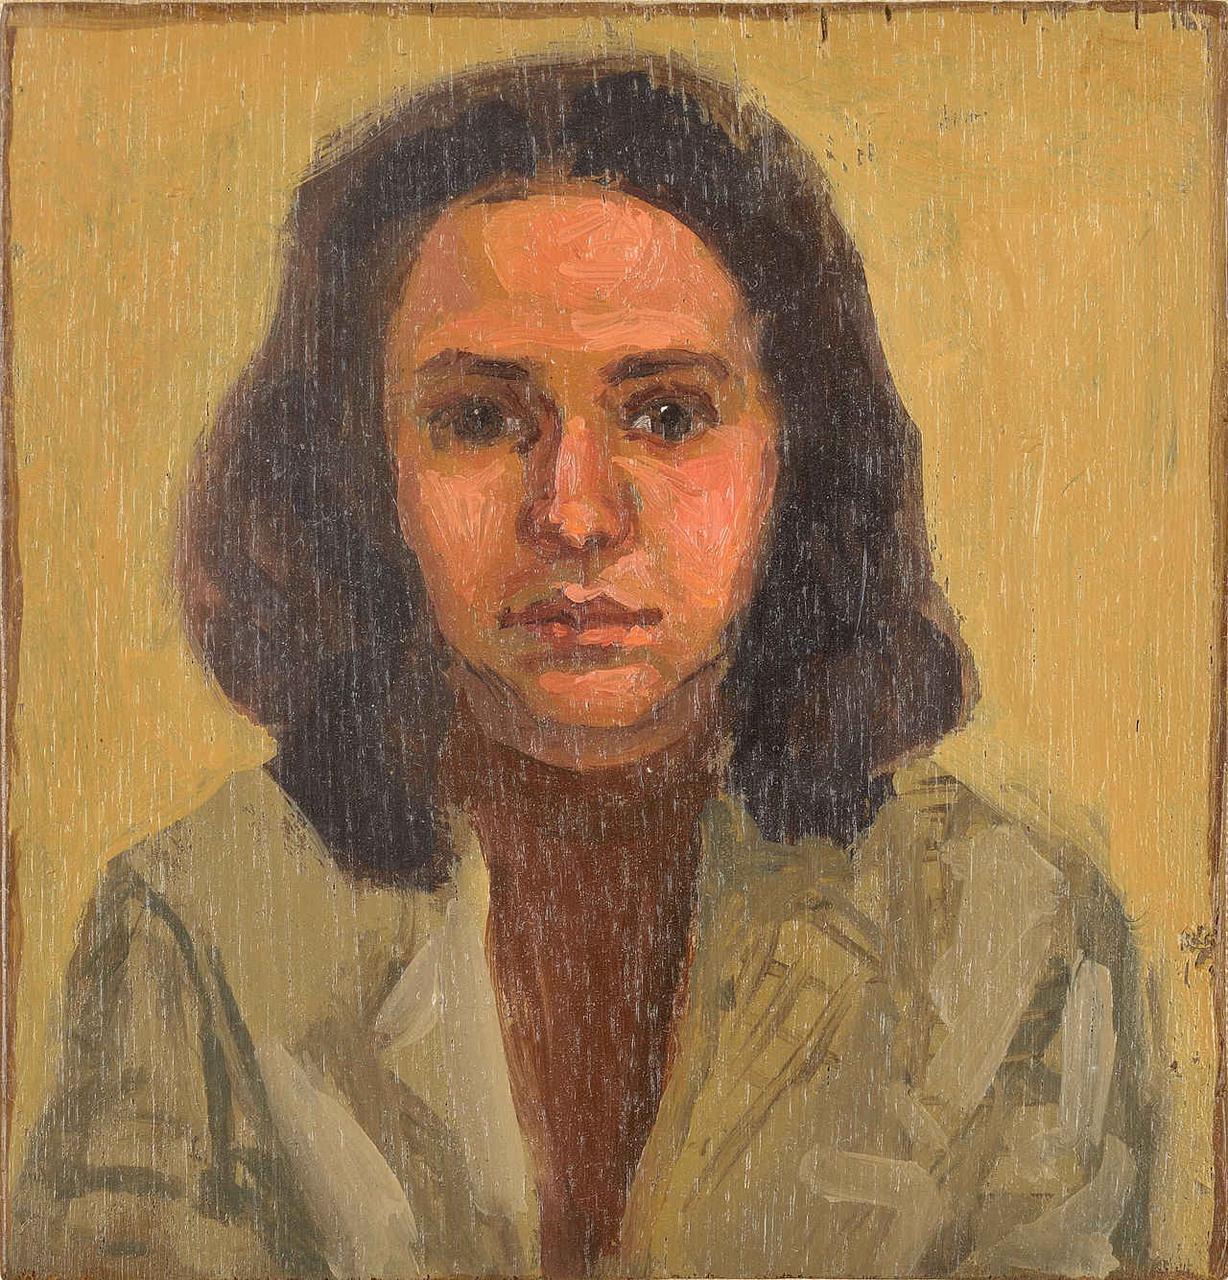 Ένα μικρό πορτραίτο, 1994, λάδι σε ξύλο, 10x9 εκ.